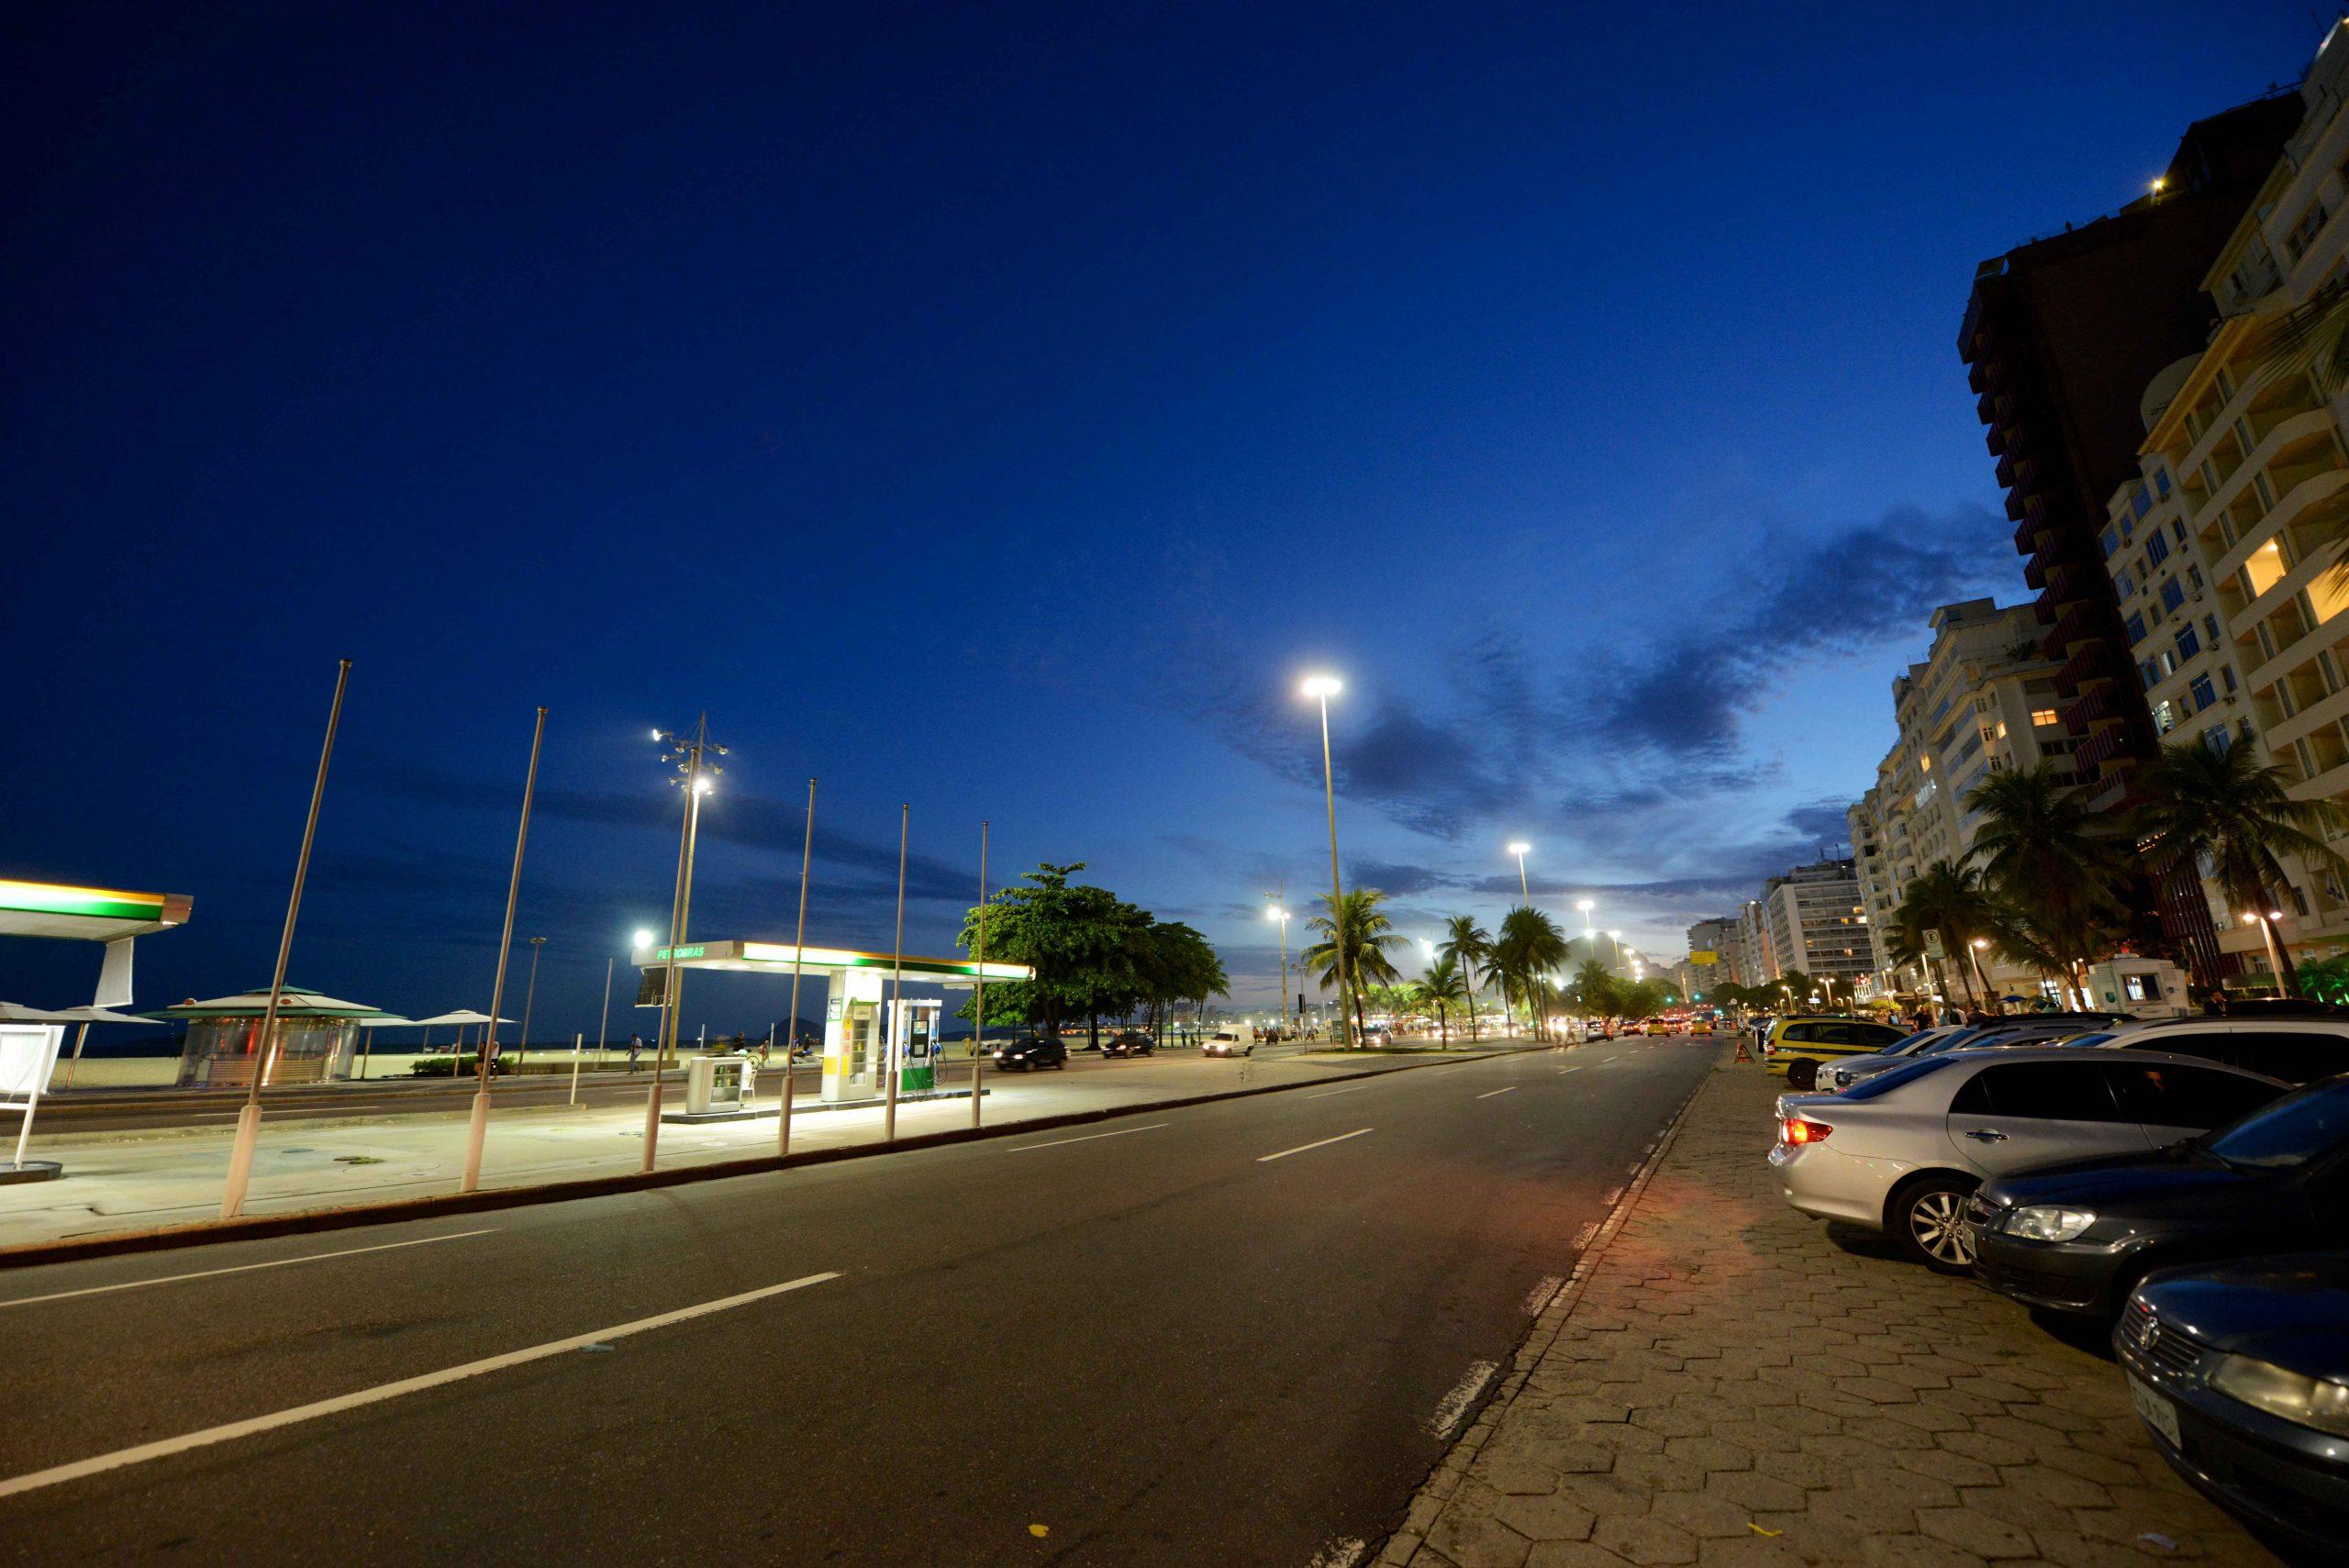 alem-brasil_brasilienreisen (4 von 4)